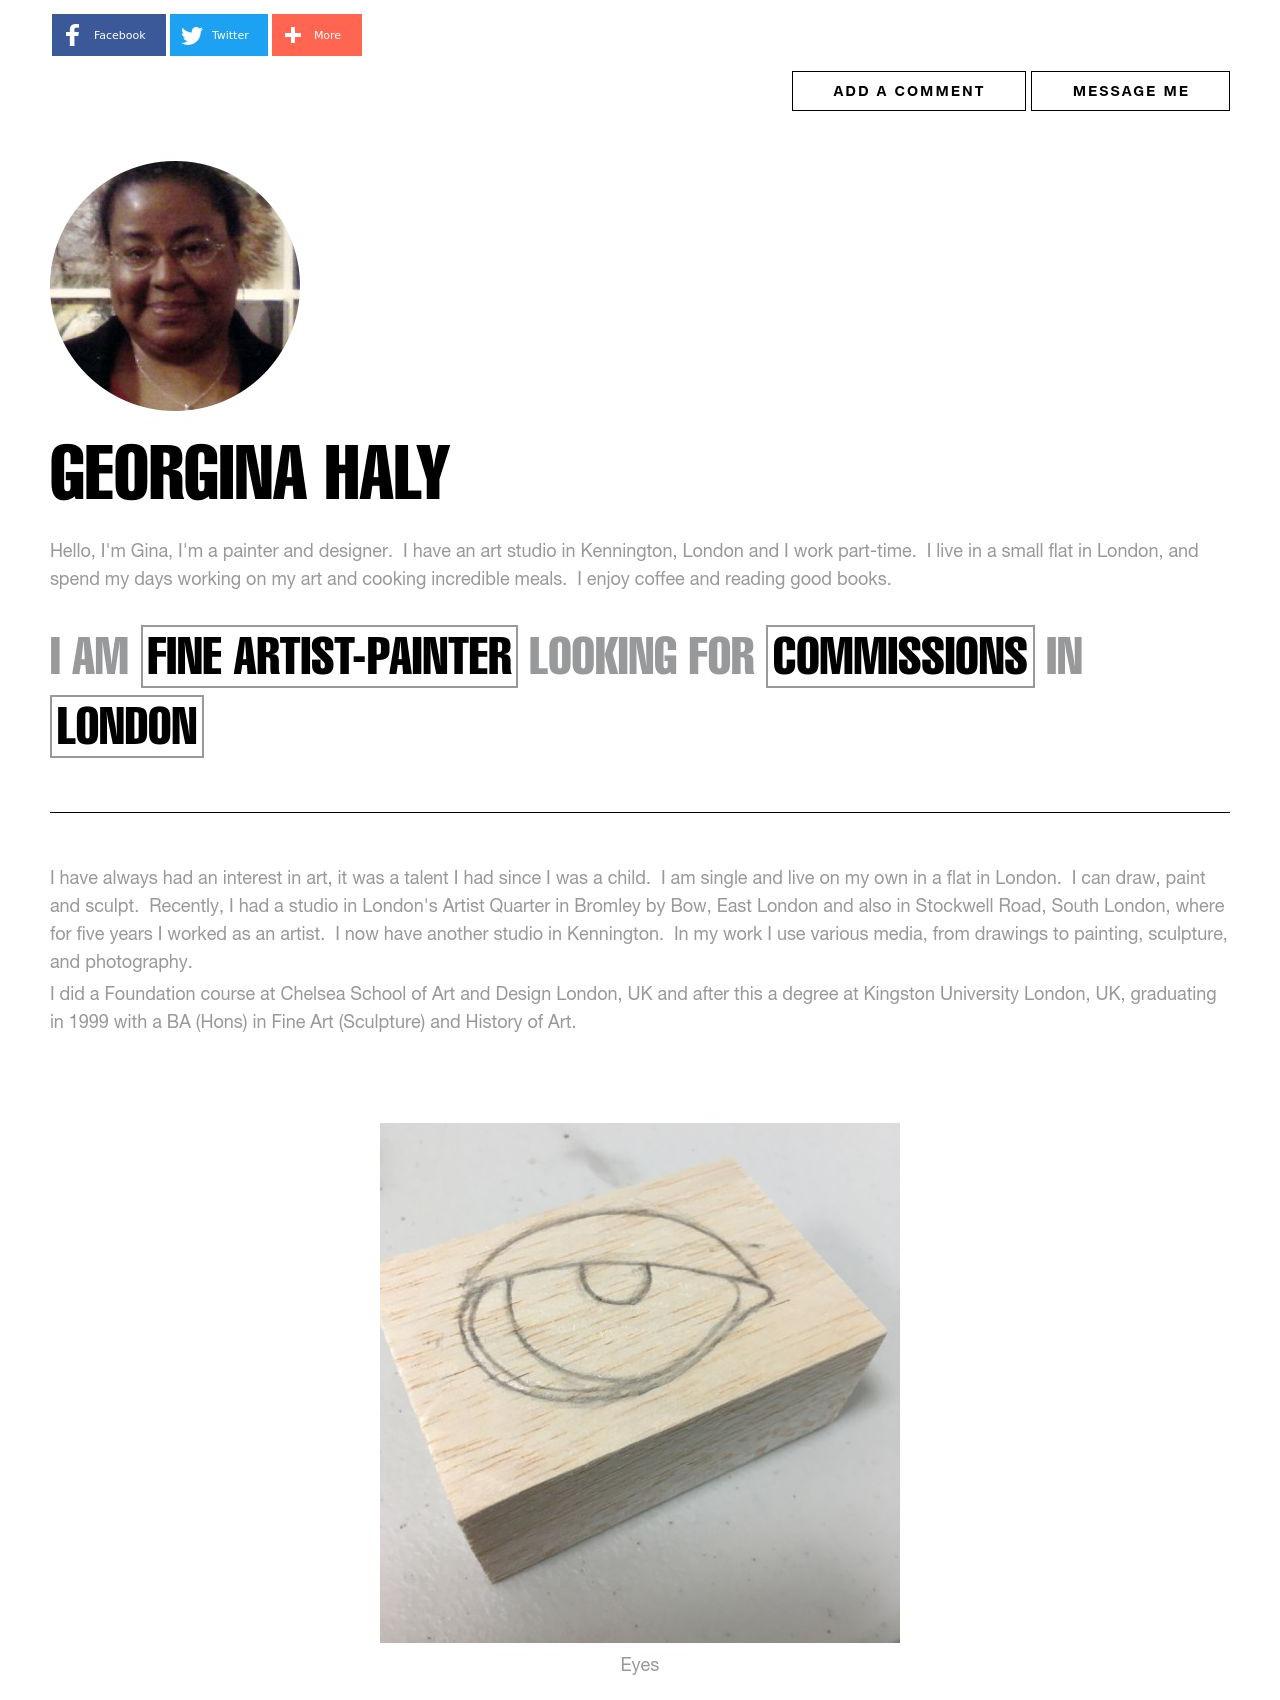 Georgina Haly